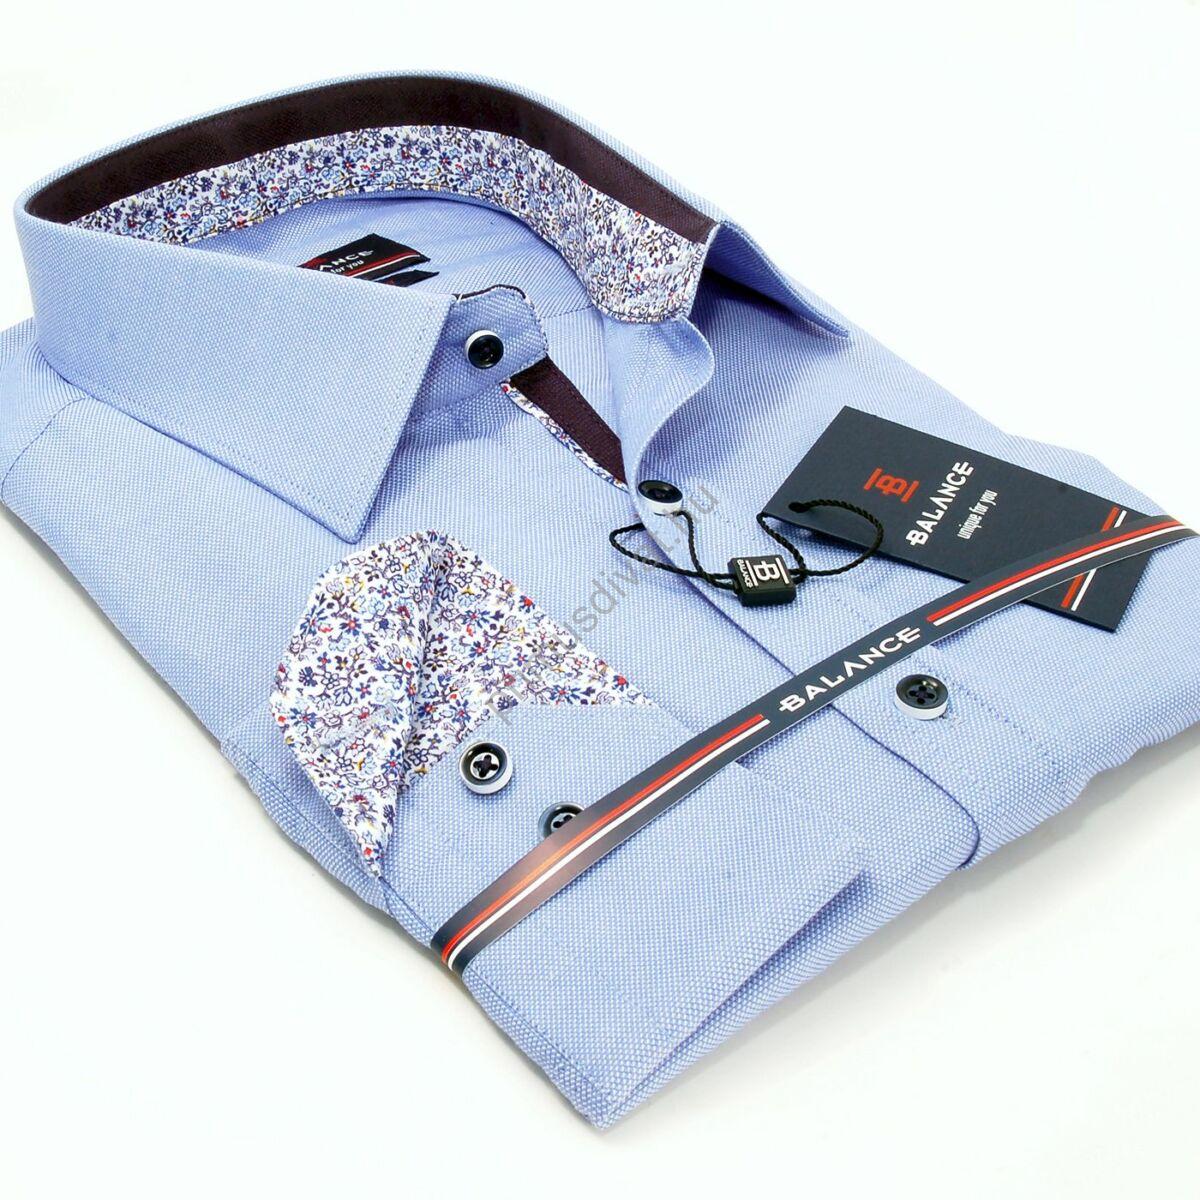 Balance strukturált felületű világoskék hosszú ujjú slim-fit ing, színes mintás betétekkel